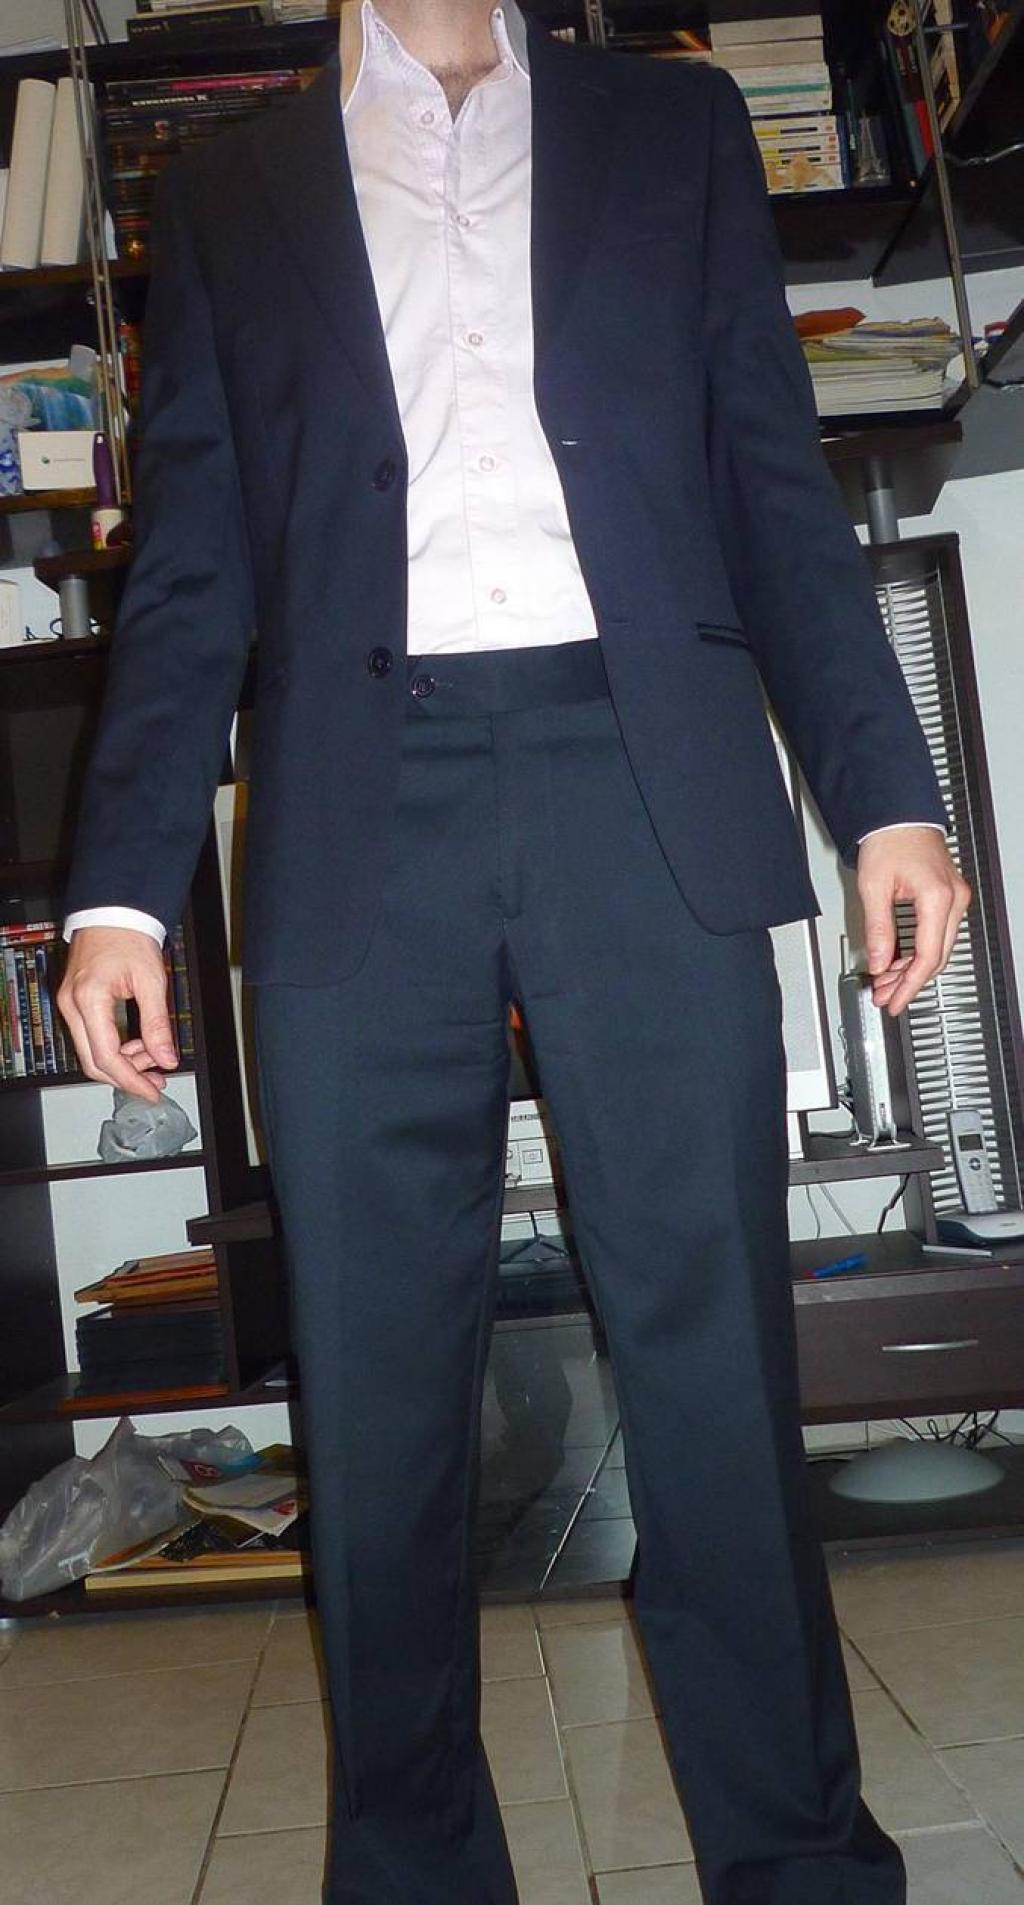 Depiedencap    Costume sans ceinture   9d6b6d3492a